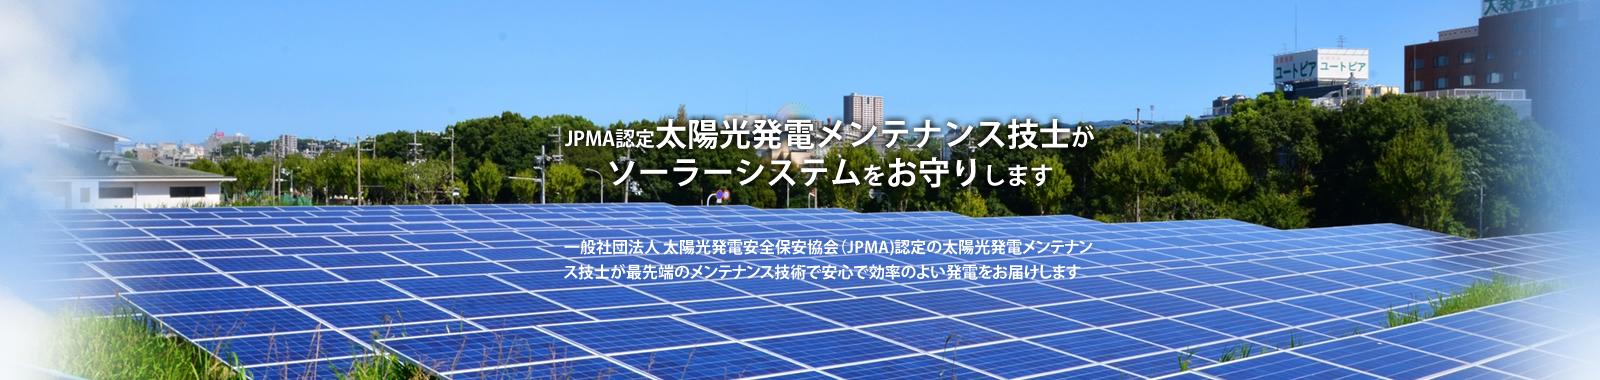 太陽光(ソーラー)発電システムのメンテナンスを兵庫県神崎郡のライフメンテナンスが兵庫県を中心に展開中